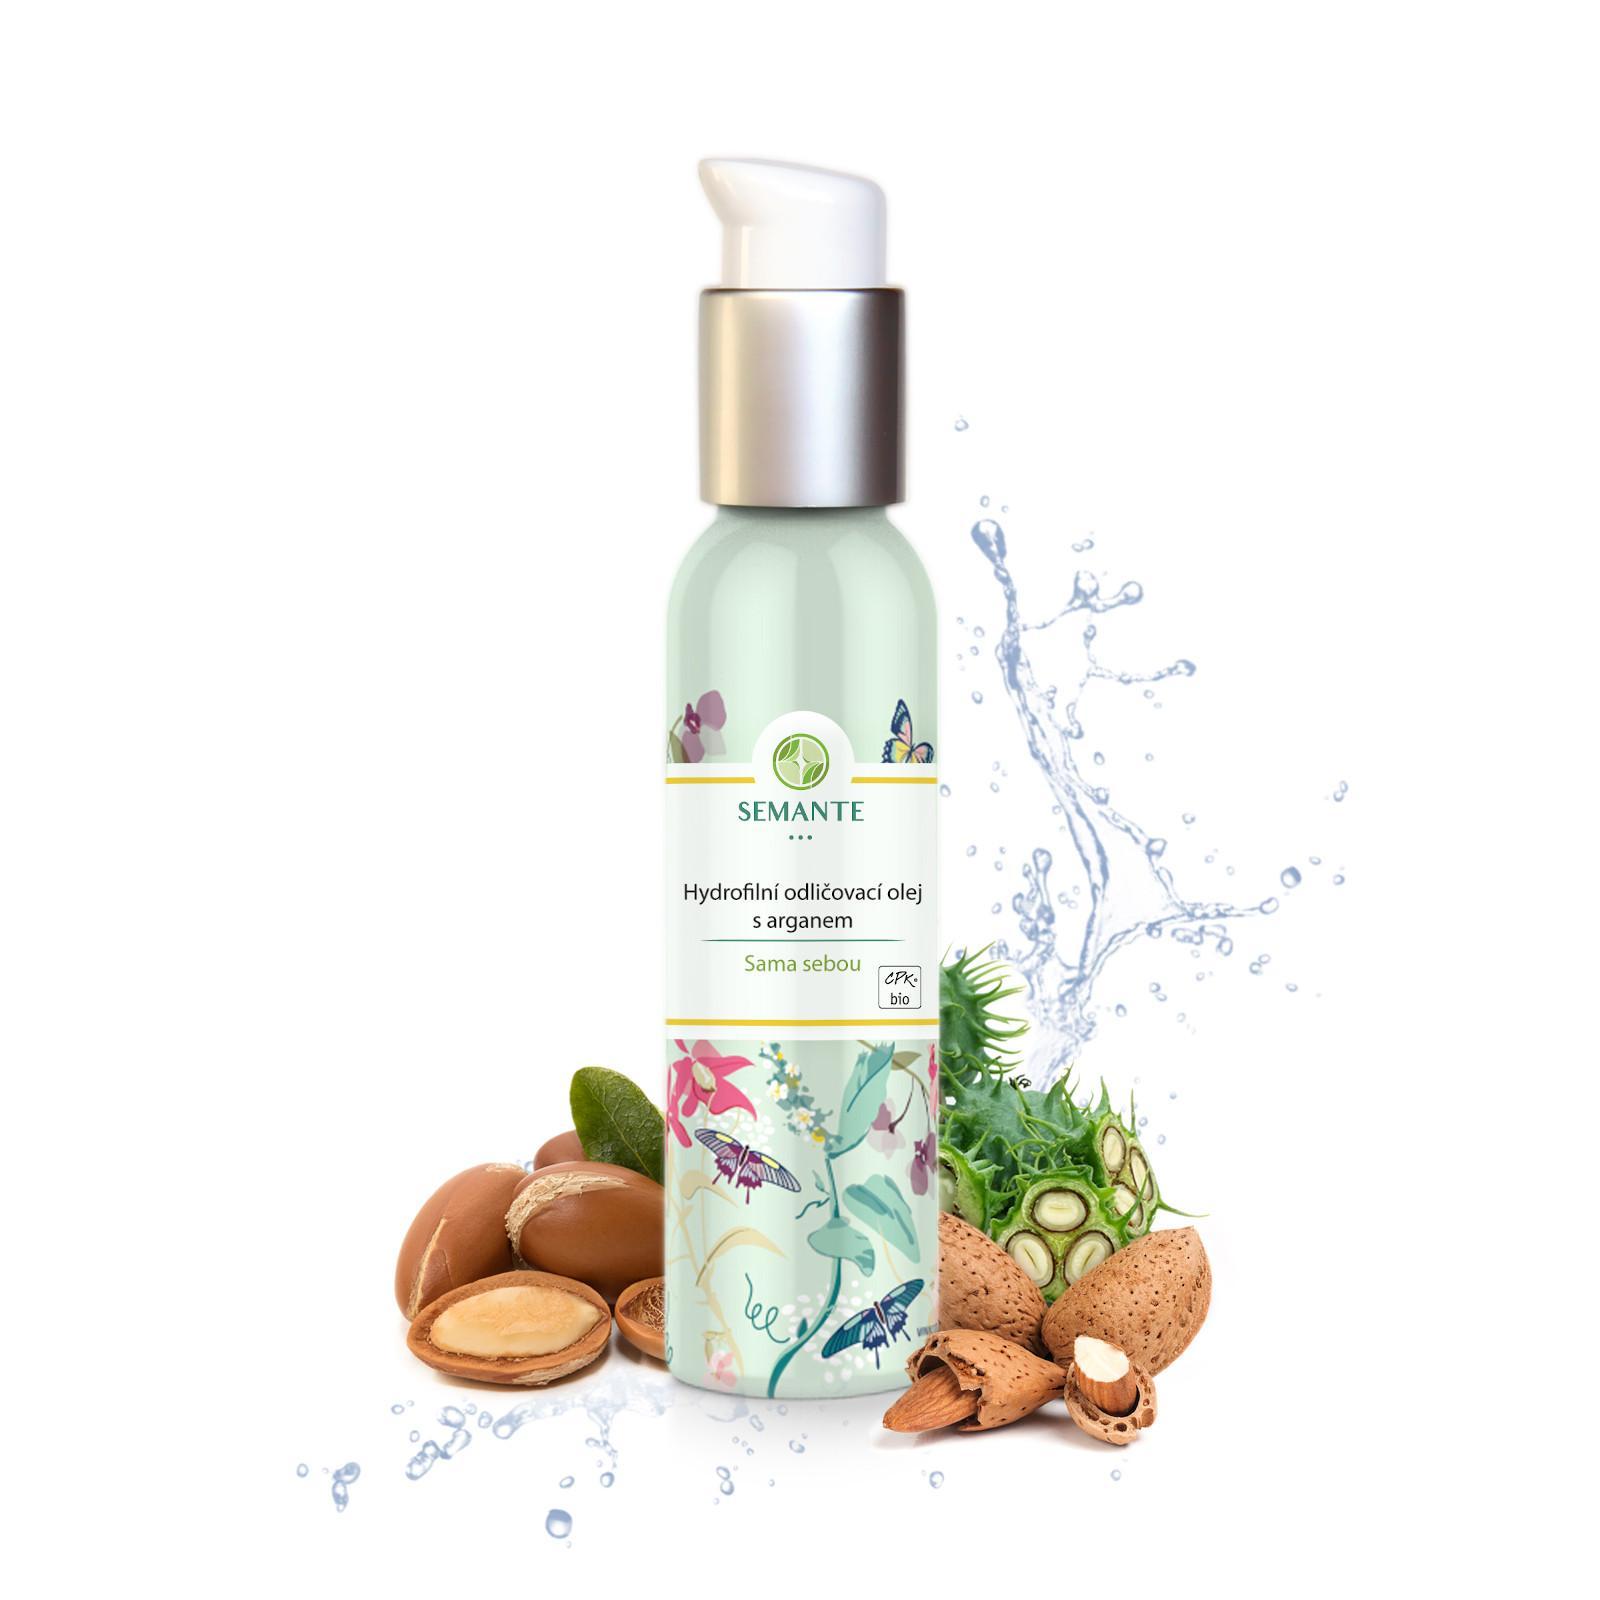 Semante by Naturalis Hydrofilní odličovací olej s arganem